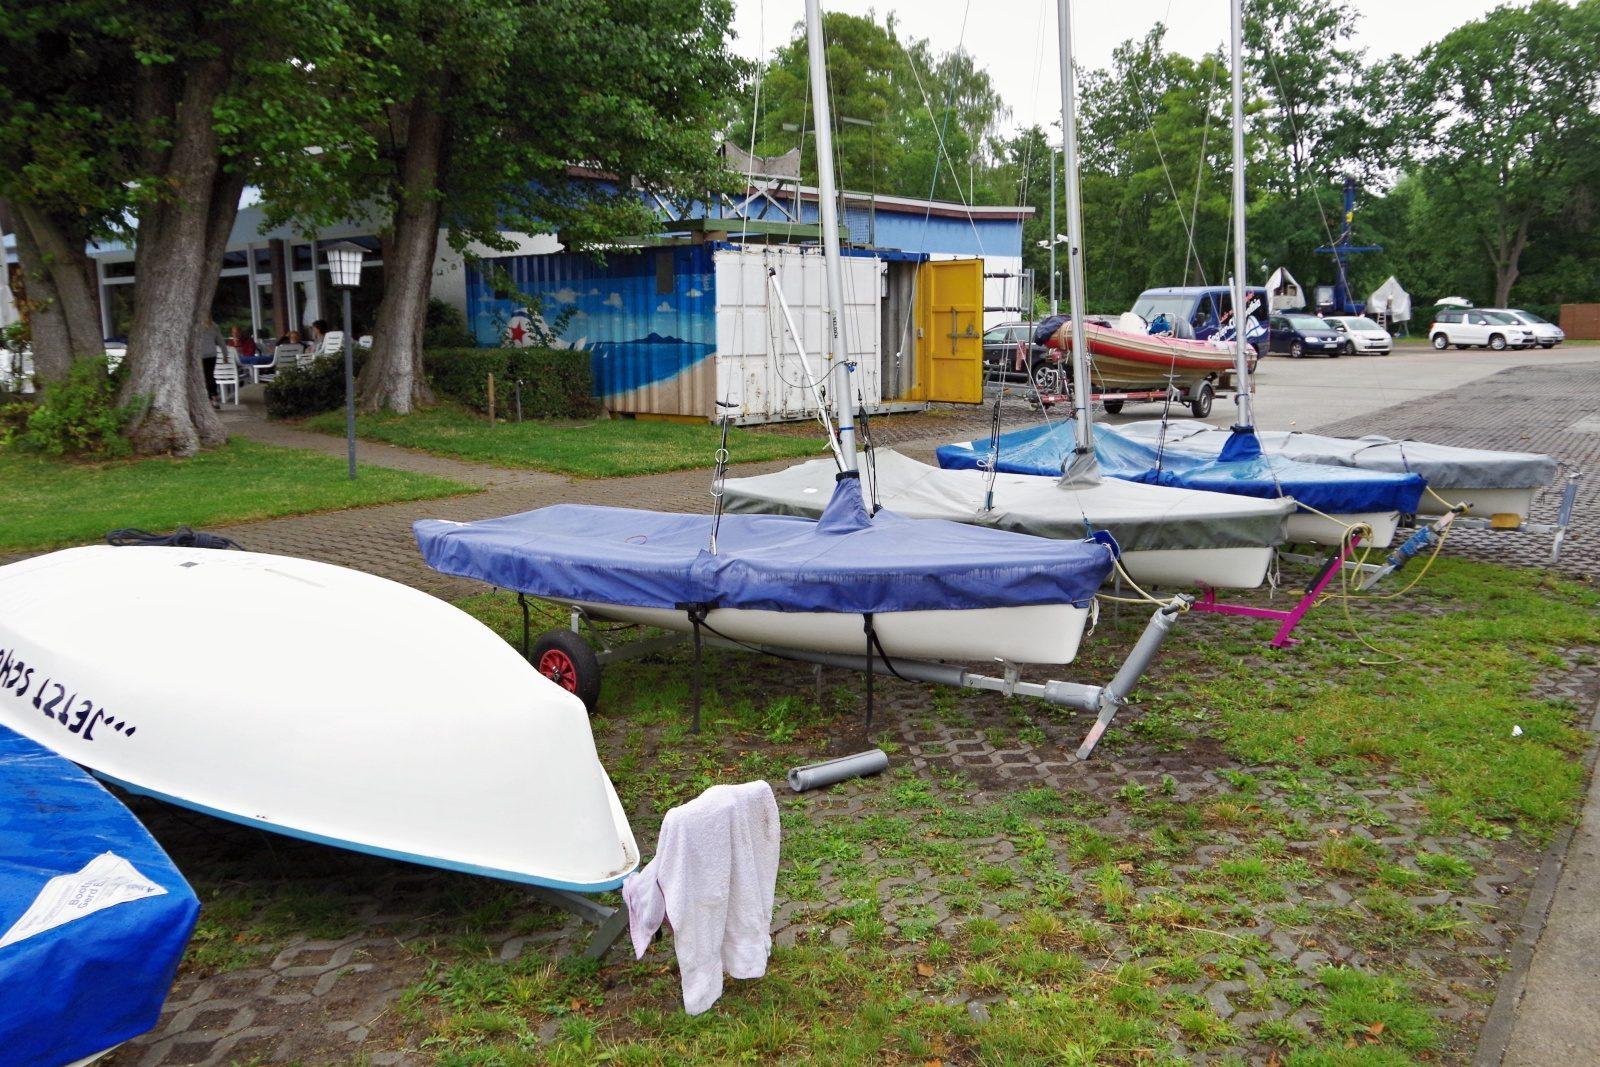 IDJüM 2016 Teeny im SC Gothia e.V. - Es werden immer mehr Boote auf dem Clubgelände! Photo SailingAnarchy.de